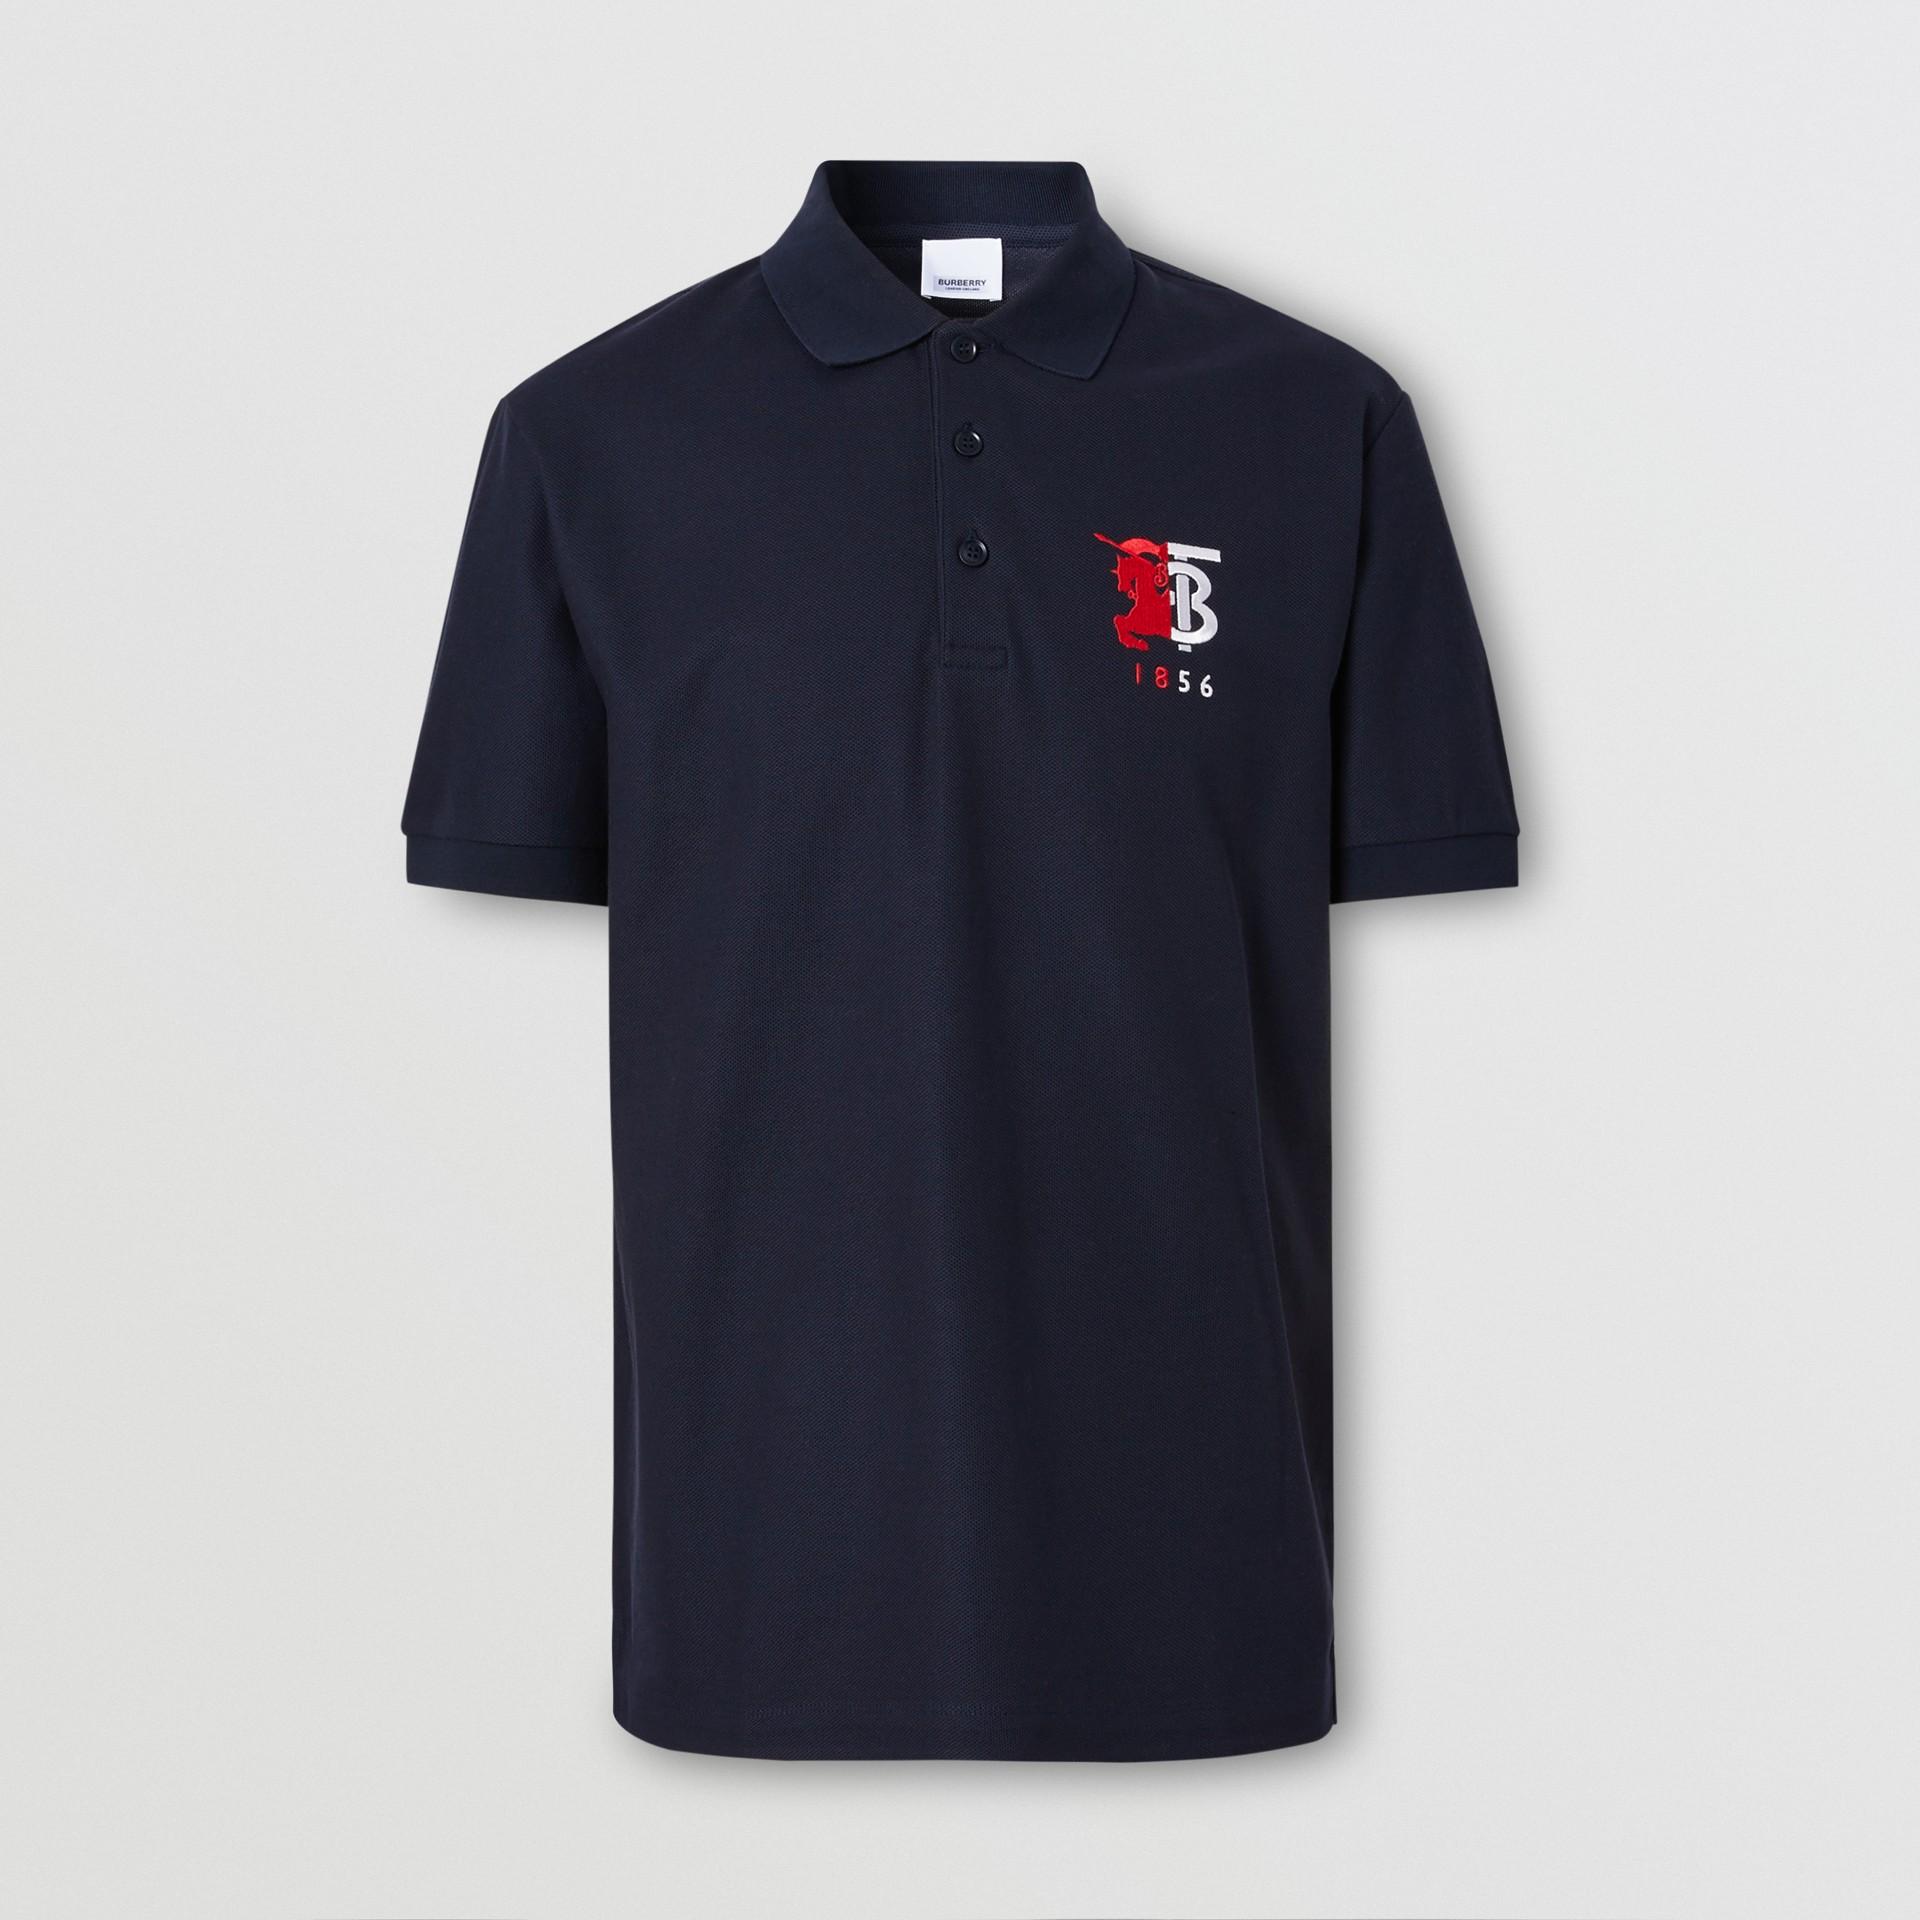 Contrast Logo Graphic Cotton Piqué Polo Shirt in Navy - Men | Burberry Hong Kong S.A.R - gallery image 3